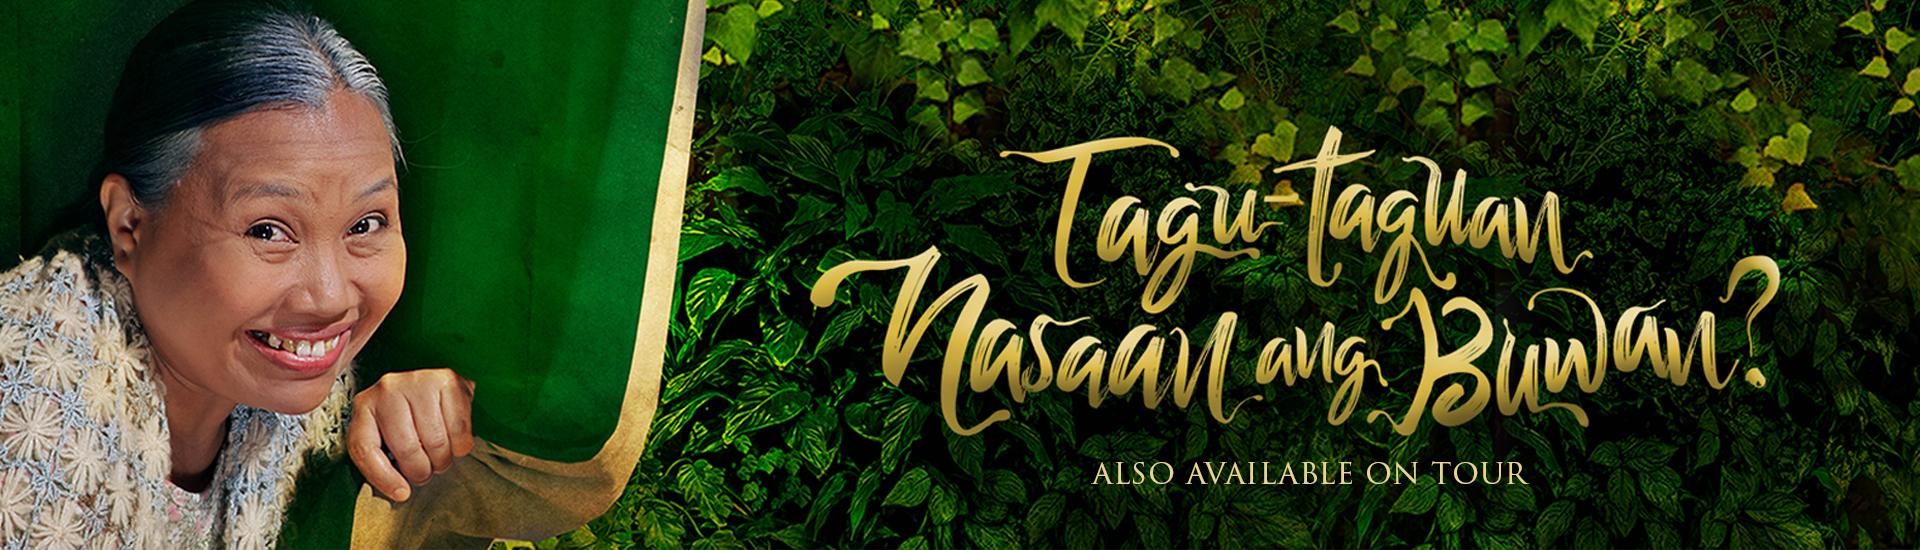 Tagu-taguan